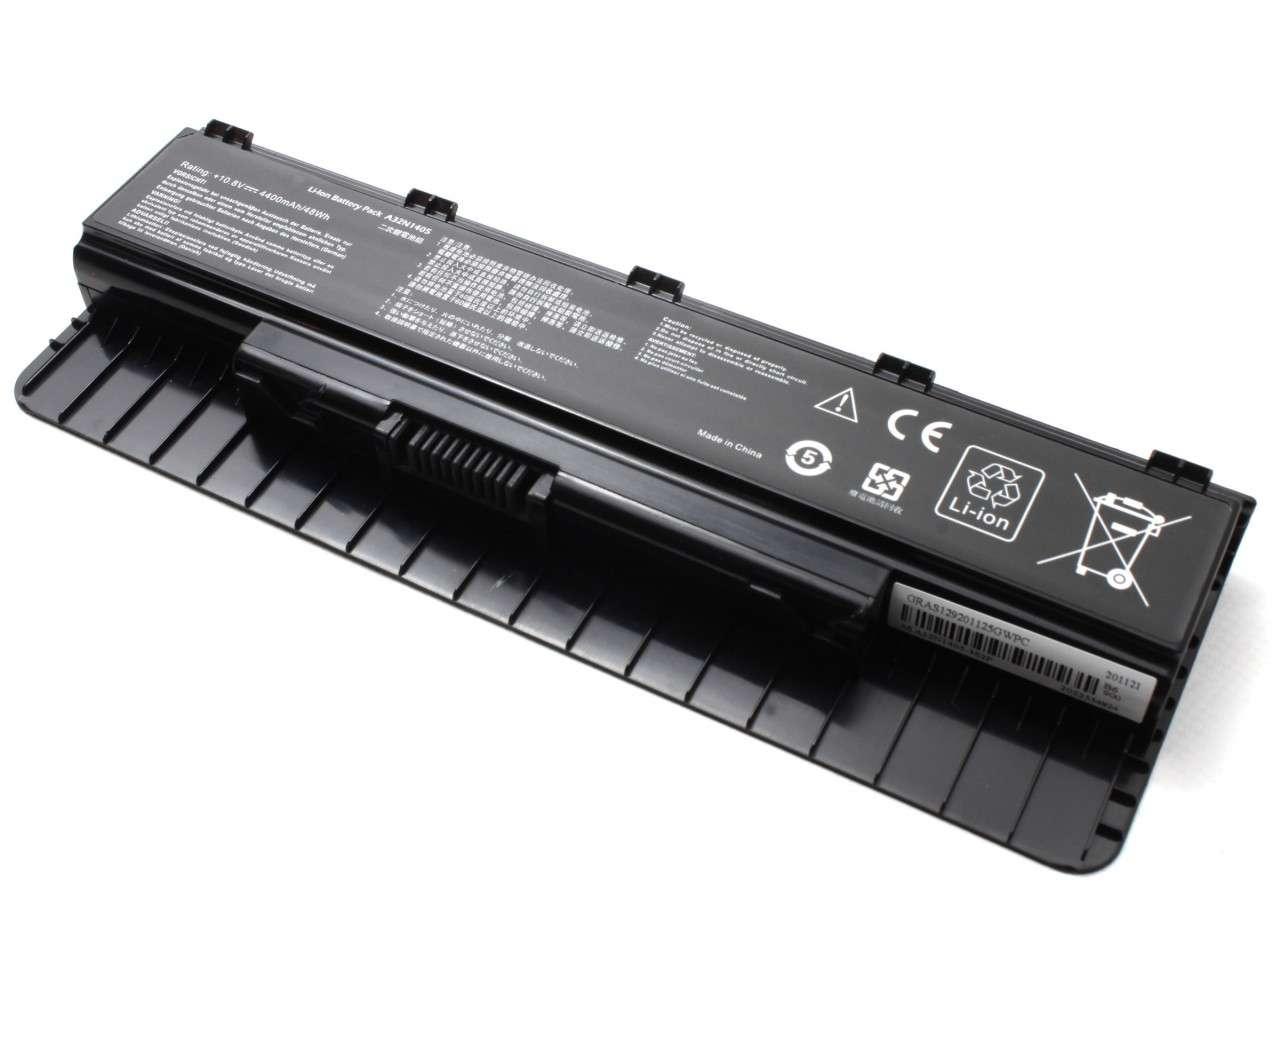 Baterie Asus B53v imagine powerlaptop.ro 2021